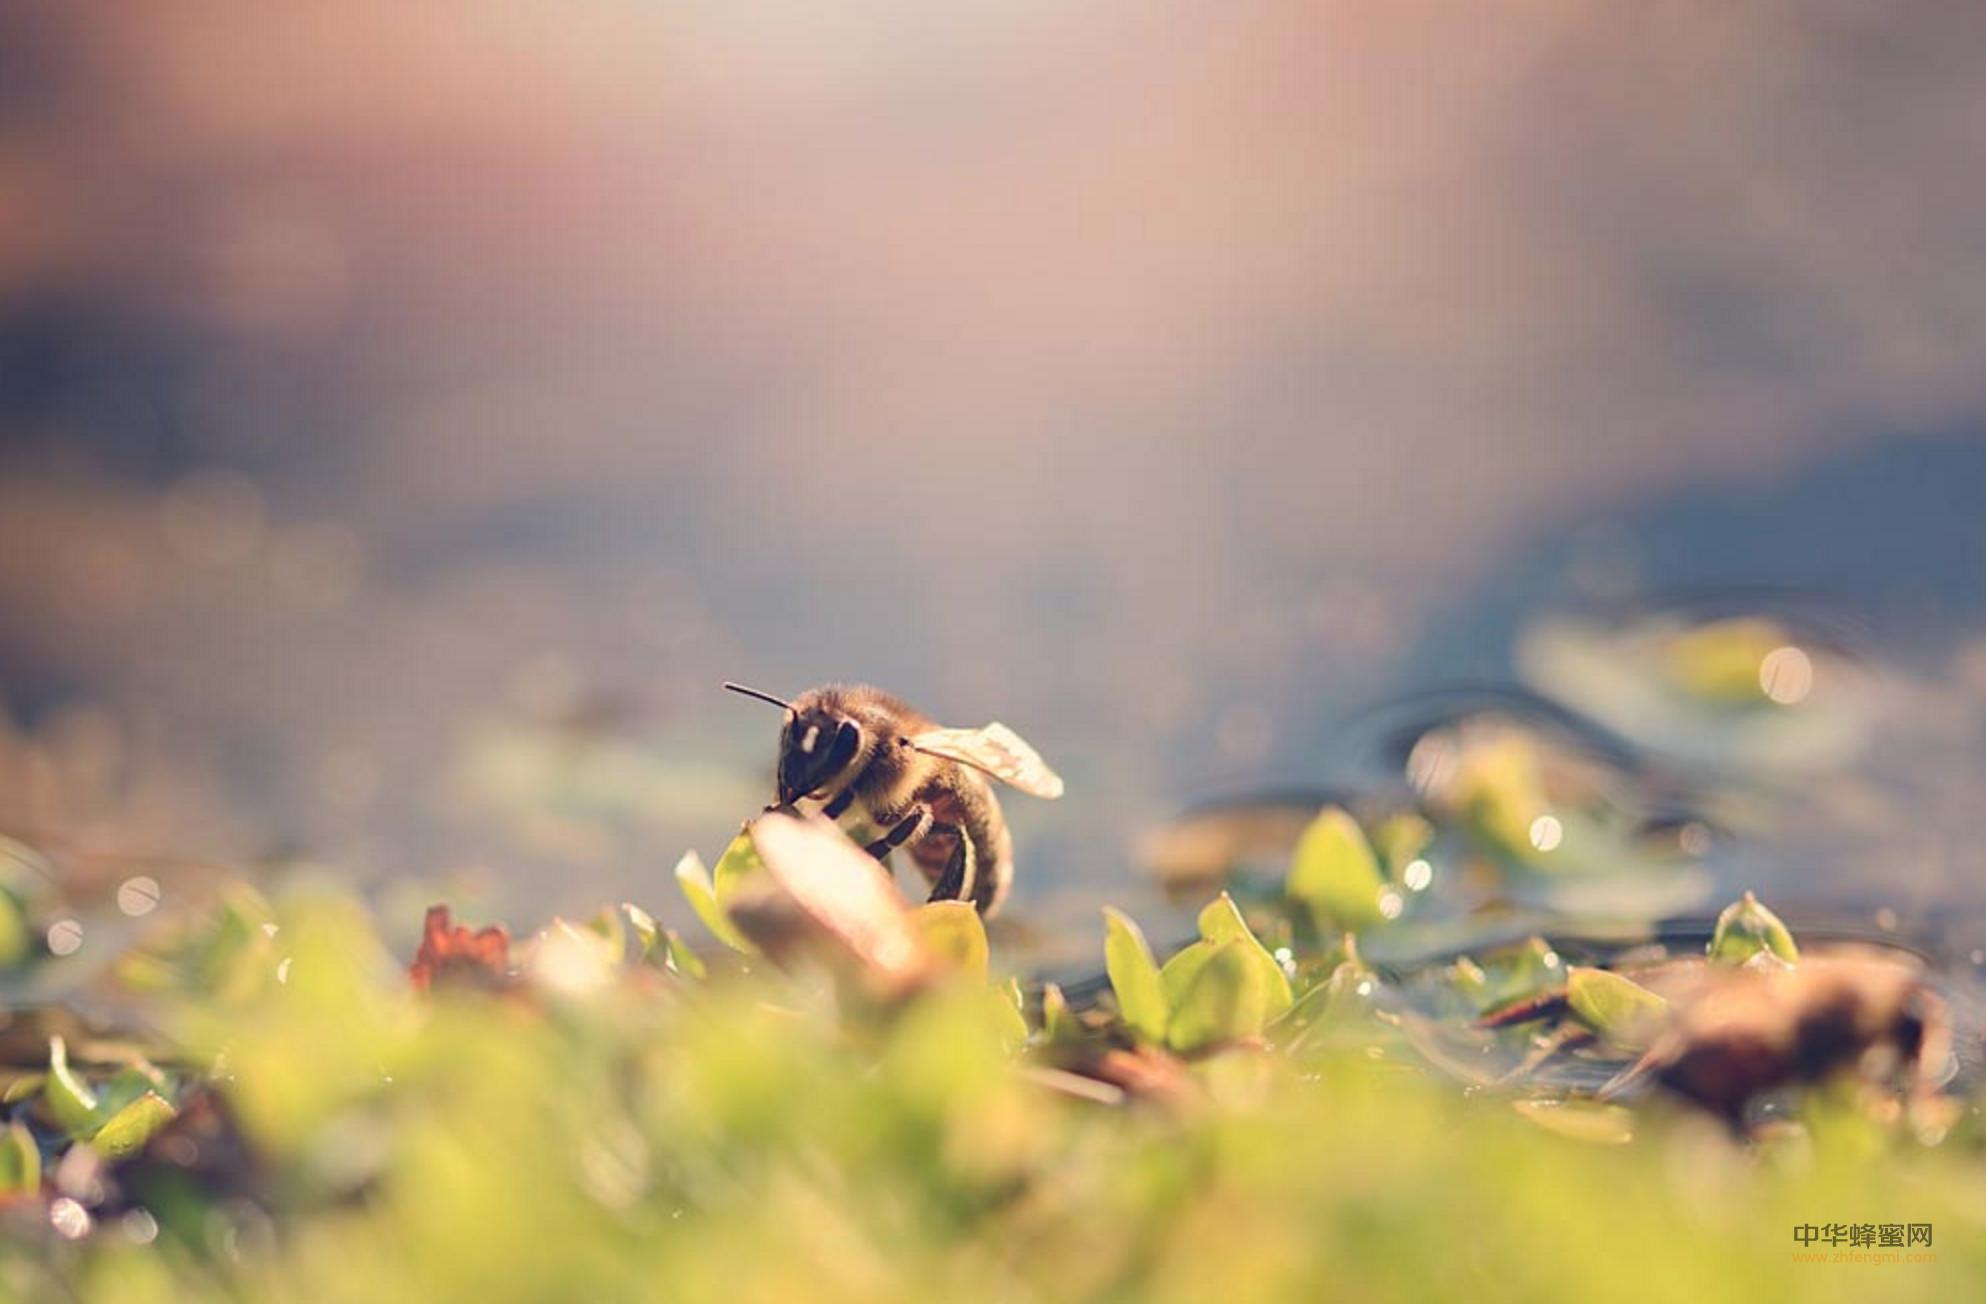 蜂毒 疗法 蜂毒治疗 蜂毒过敏